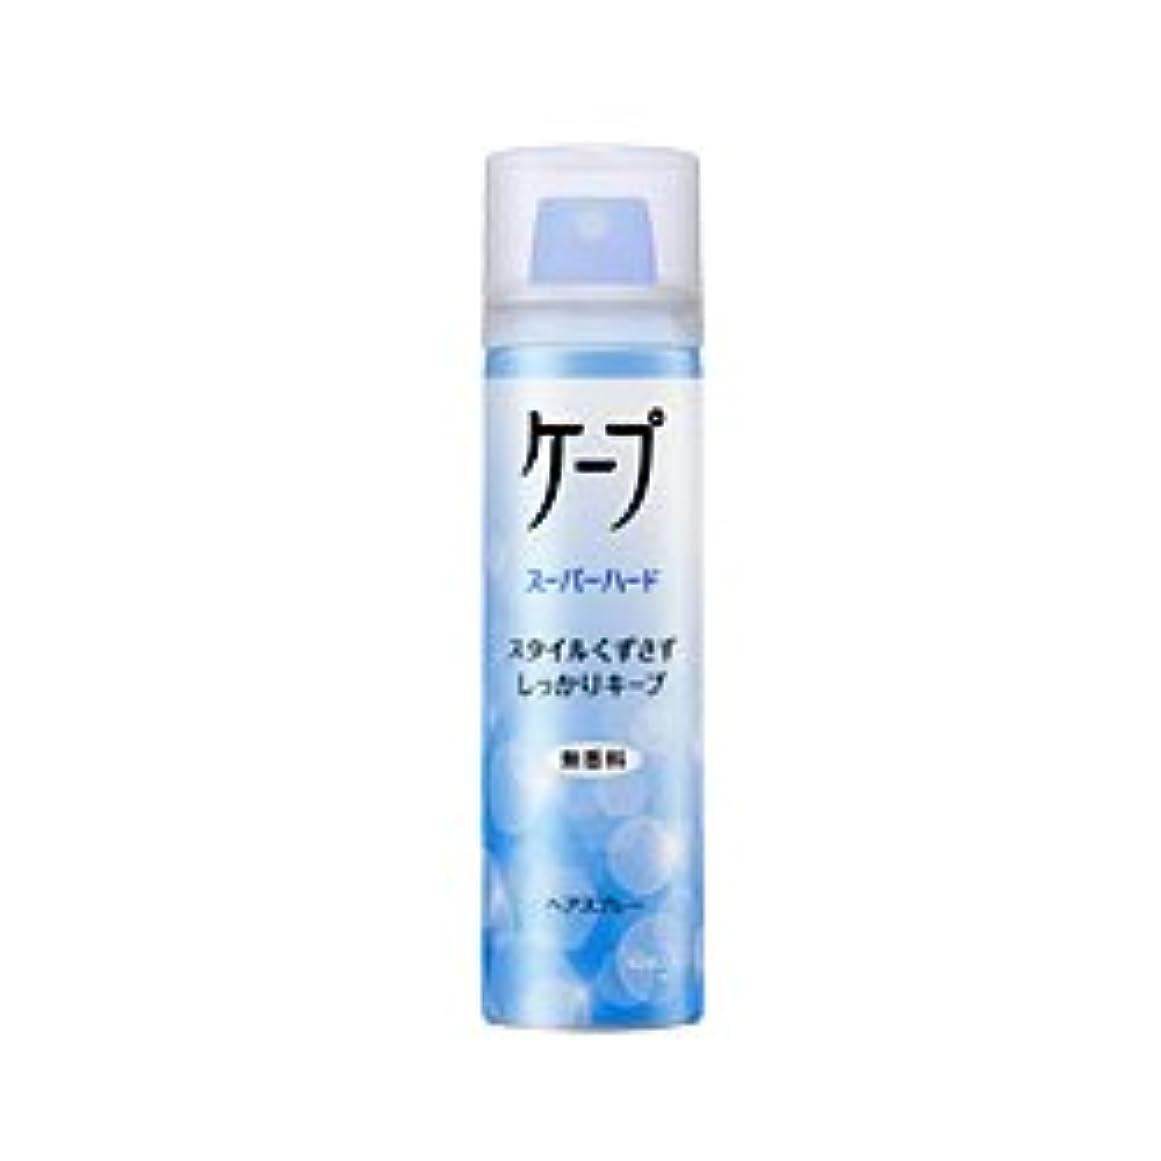 未知の愛するレパートリー【花王】ケープ スーパーハード 無香料 50g ×20個セット